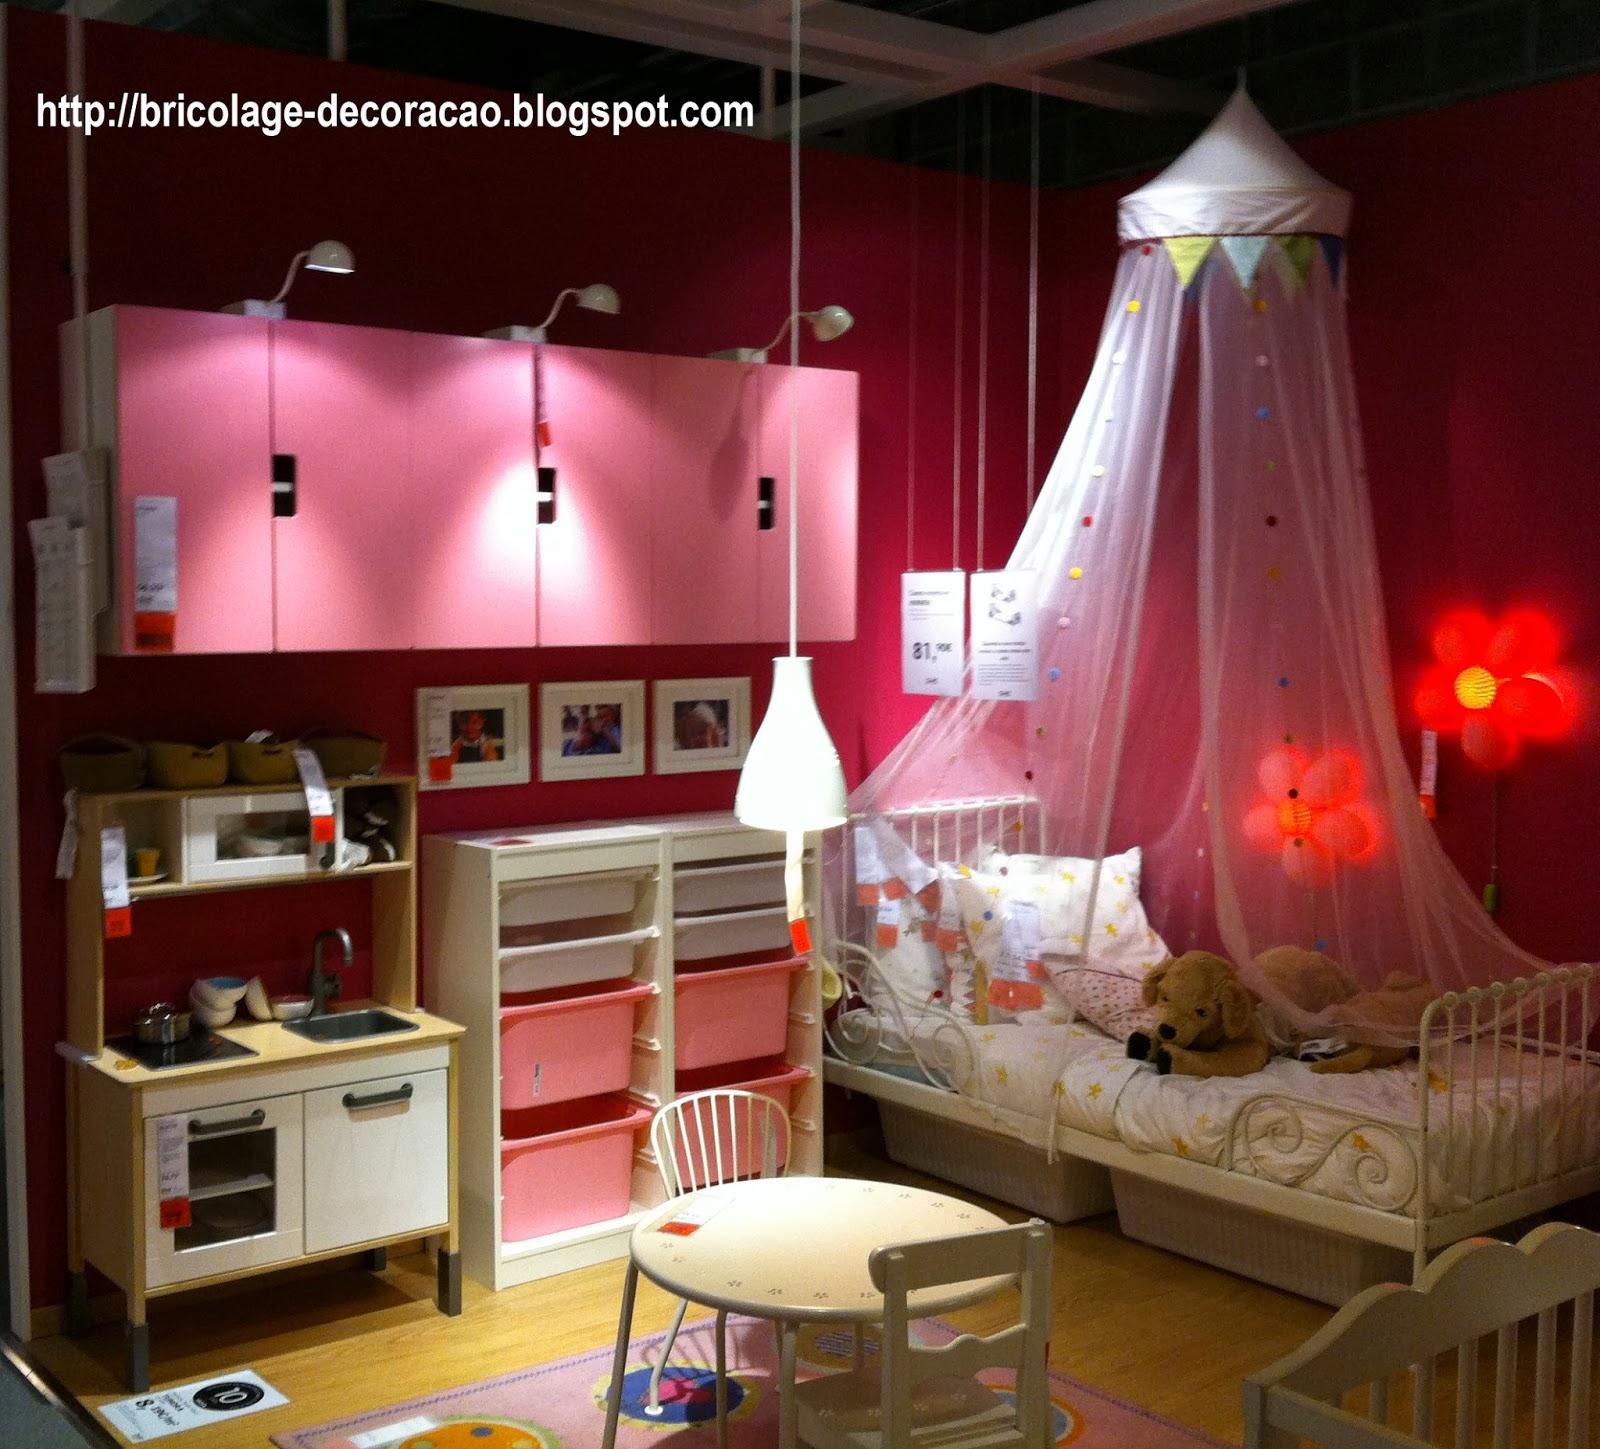 Bricolage e Decoração Ideia para Quarto de Menina do Ikea